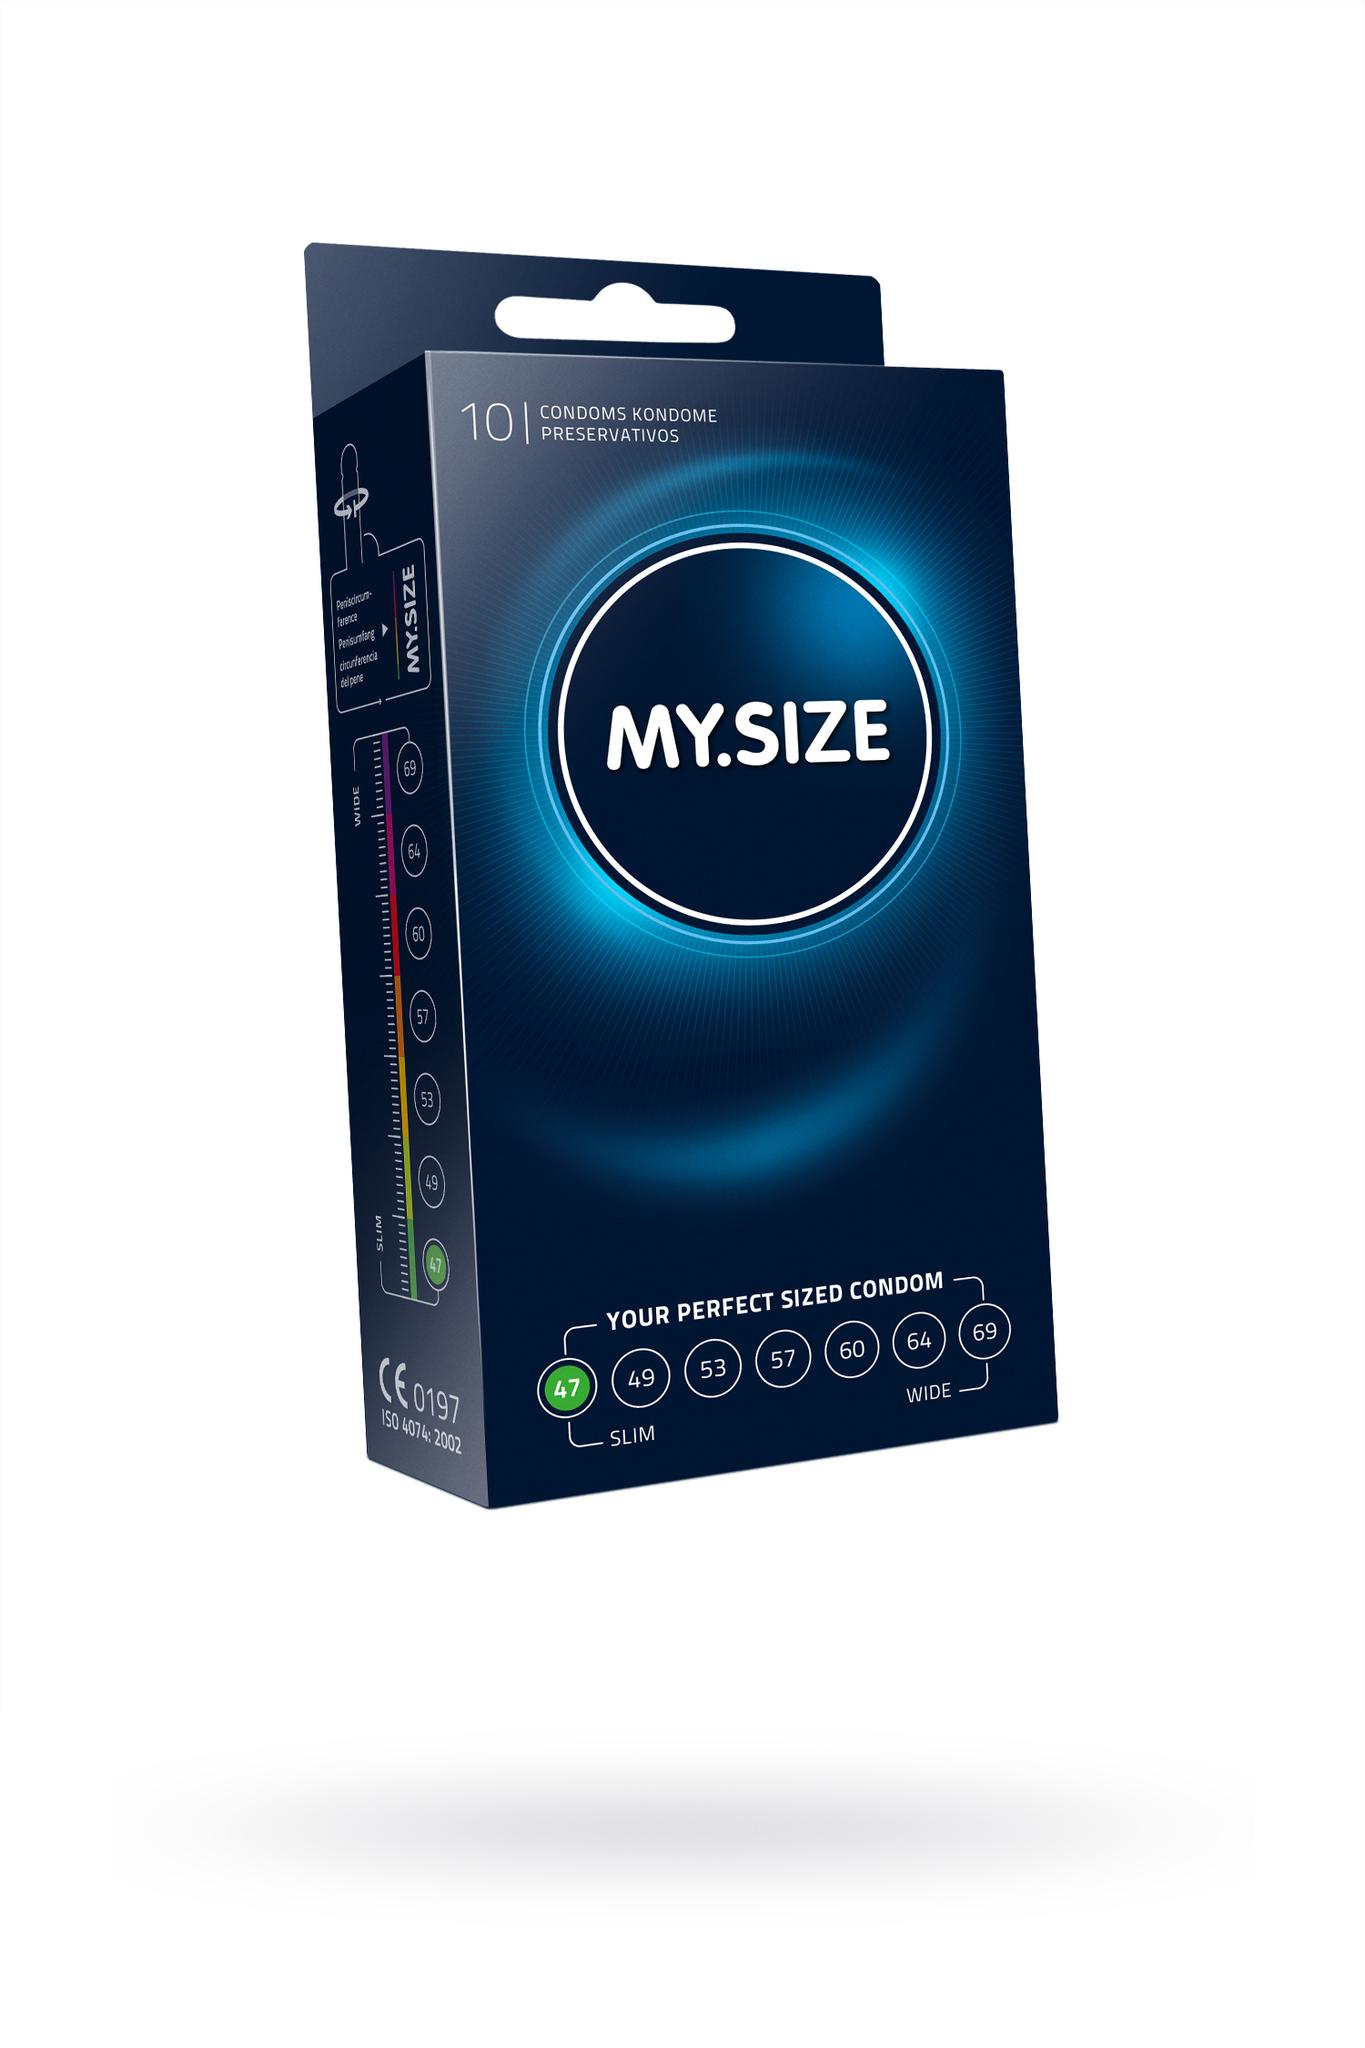 Презервативы  MY.SIZE №10 размер 47 (ширина 47mm) фото